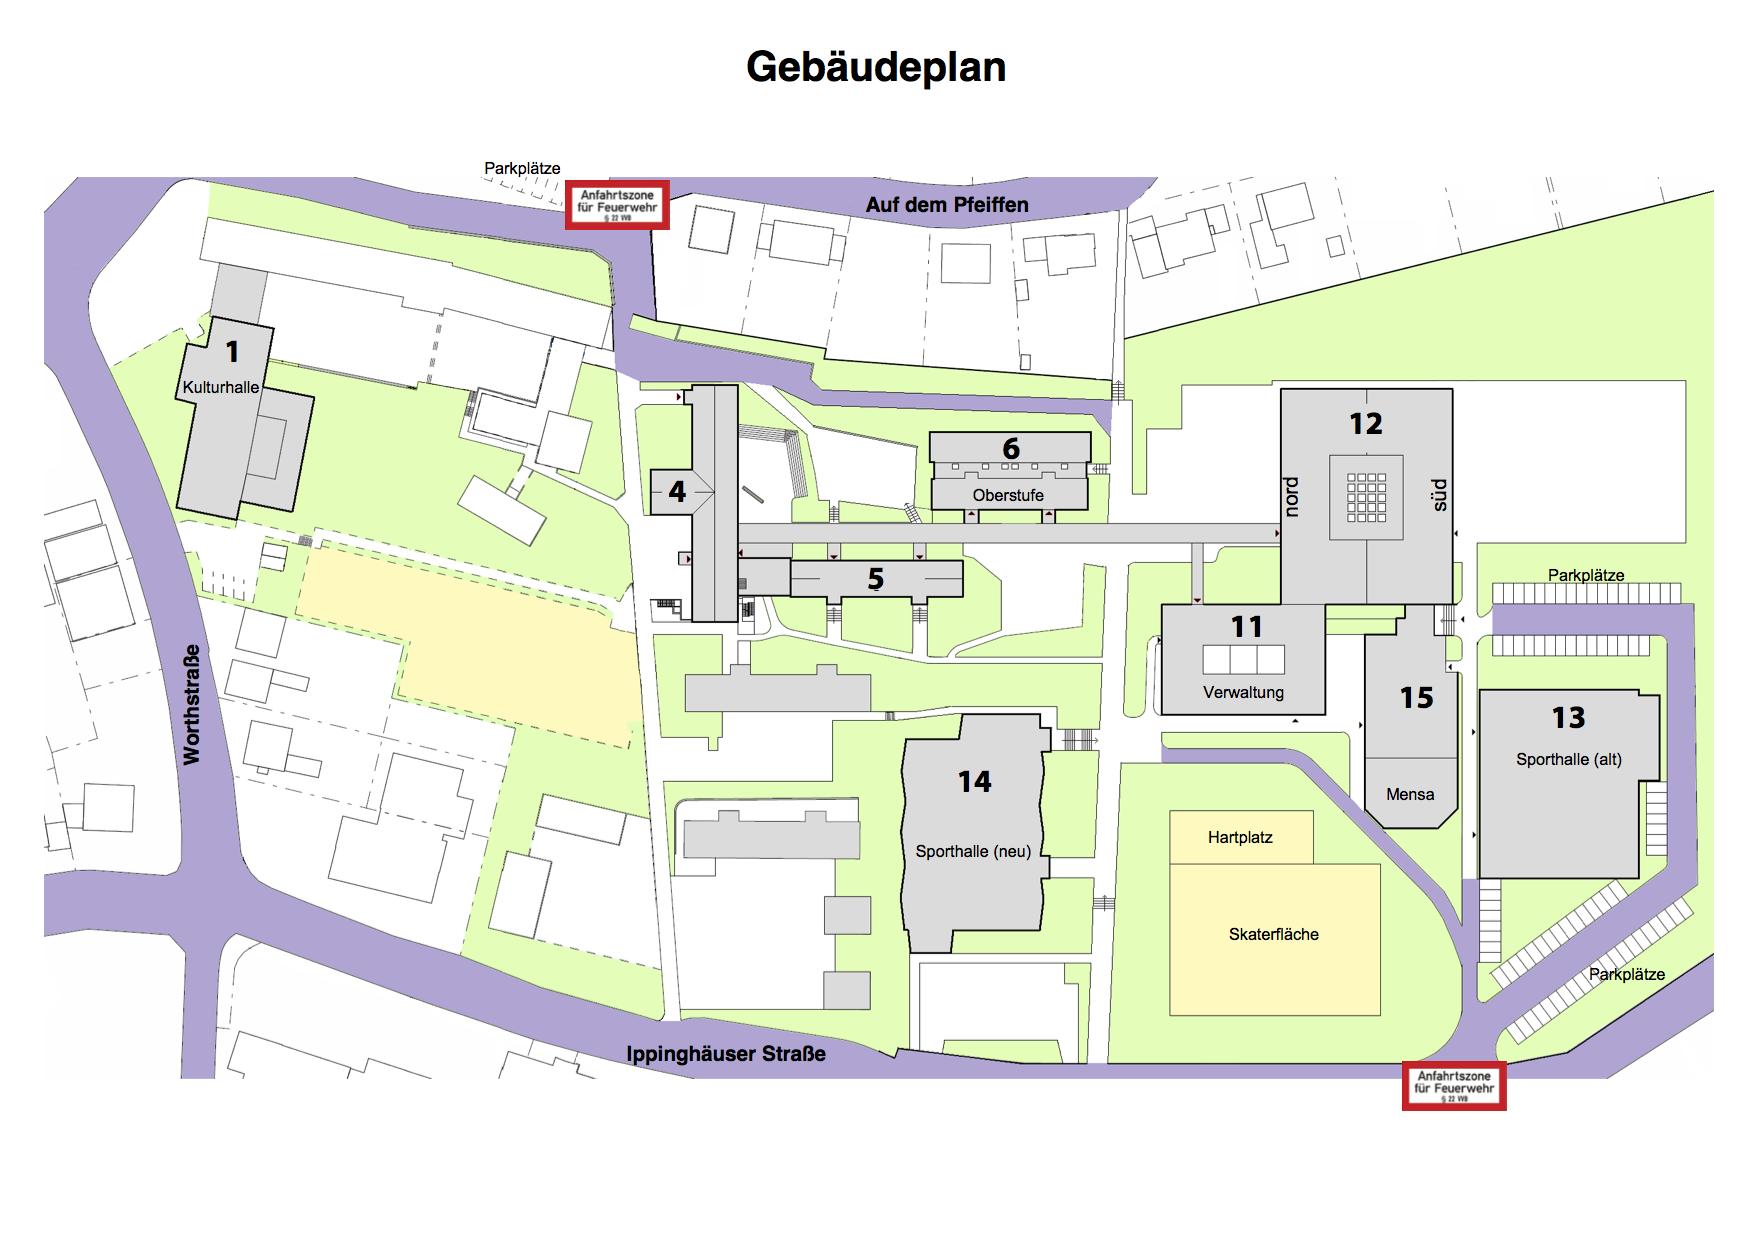 Lübckeschule Gebäudeplan